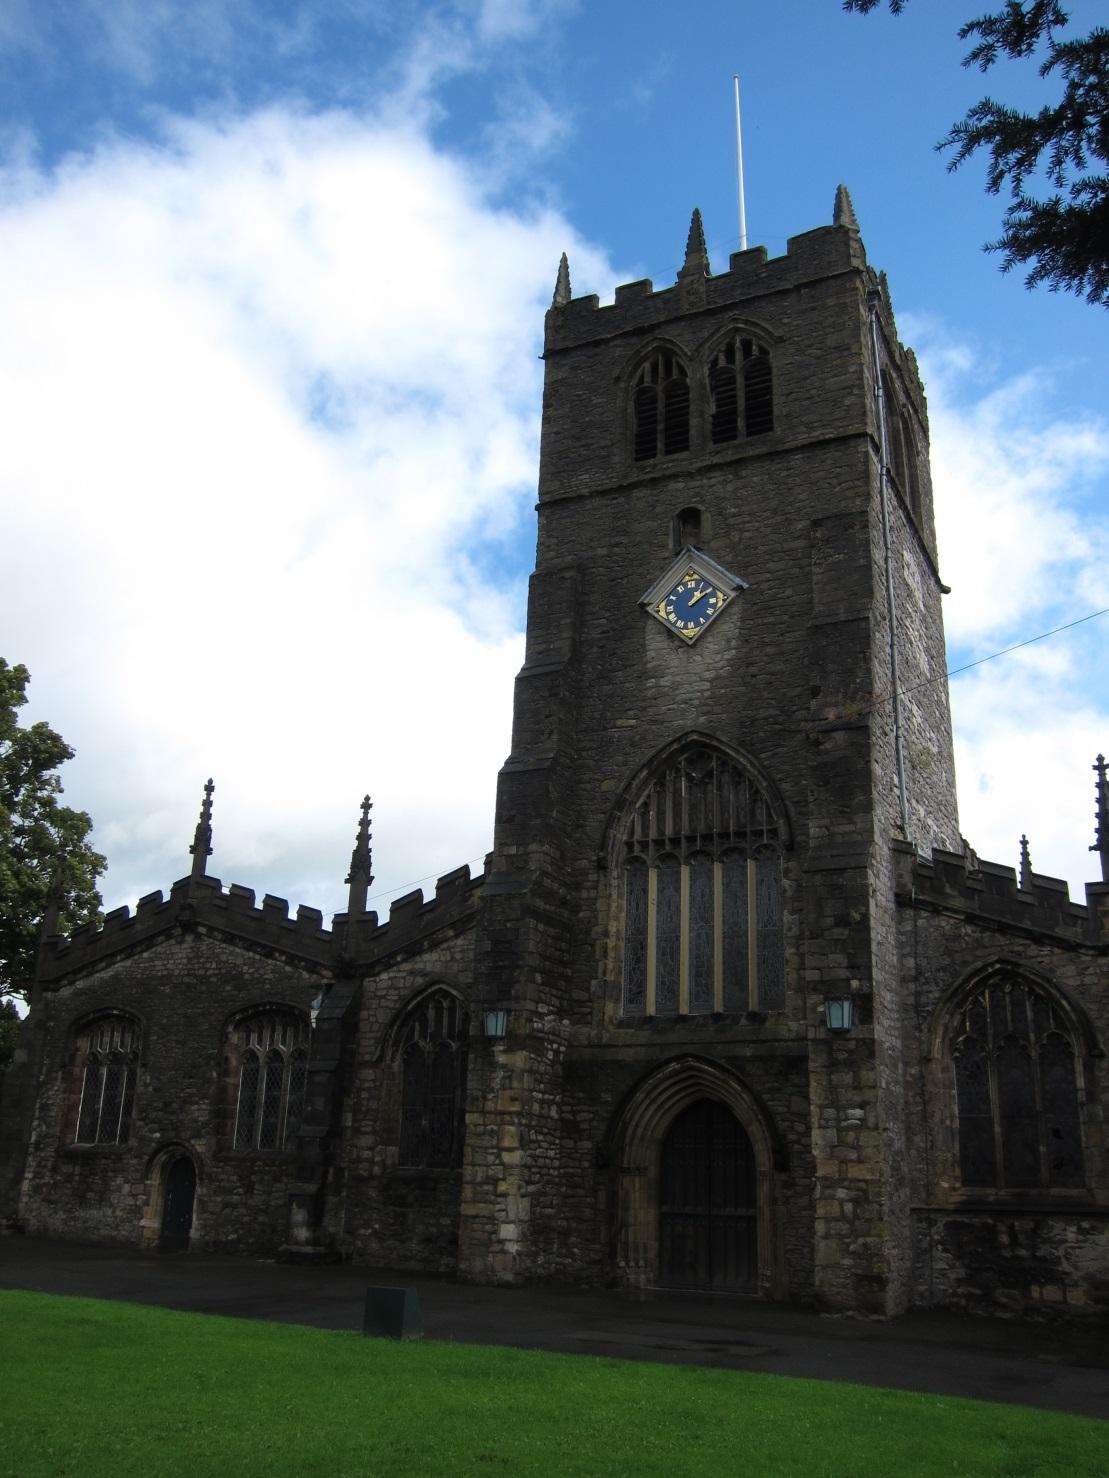 Holy-Trinity-Church-Kendal-Exterior